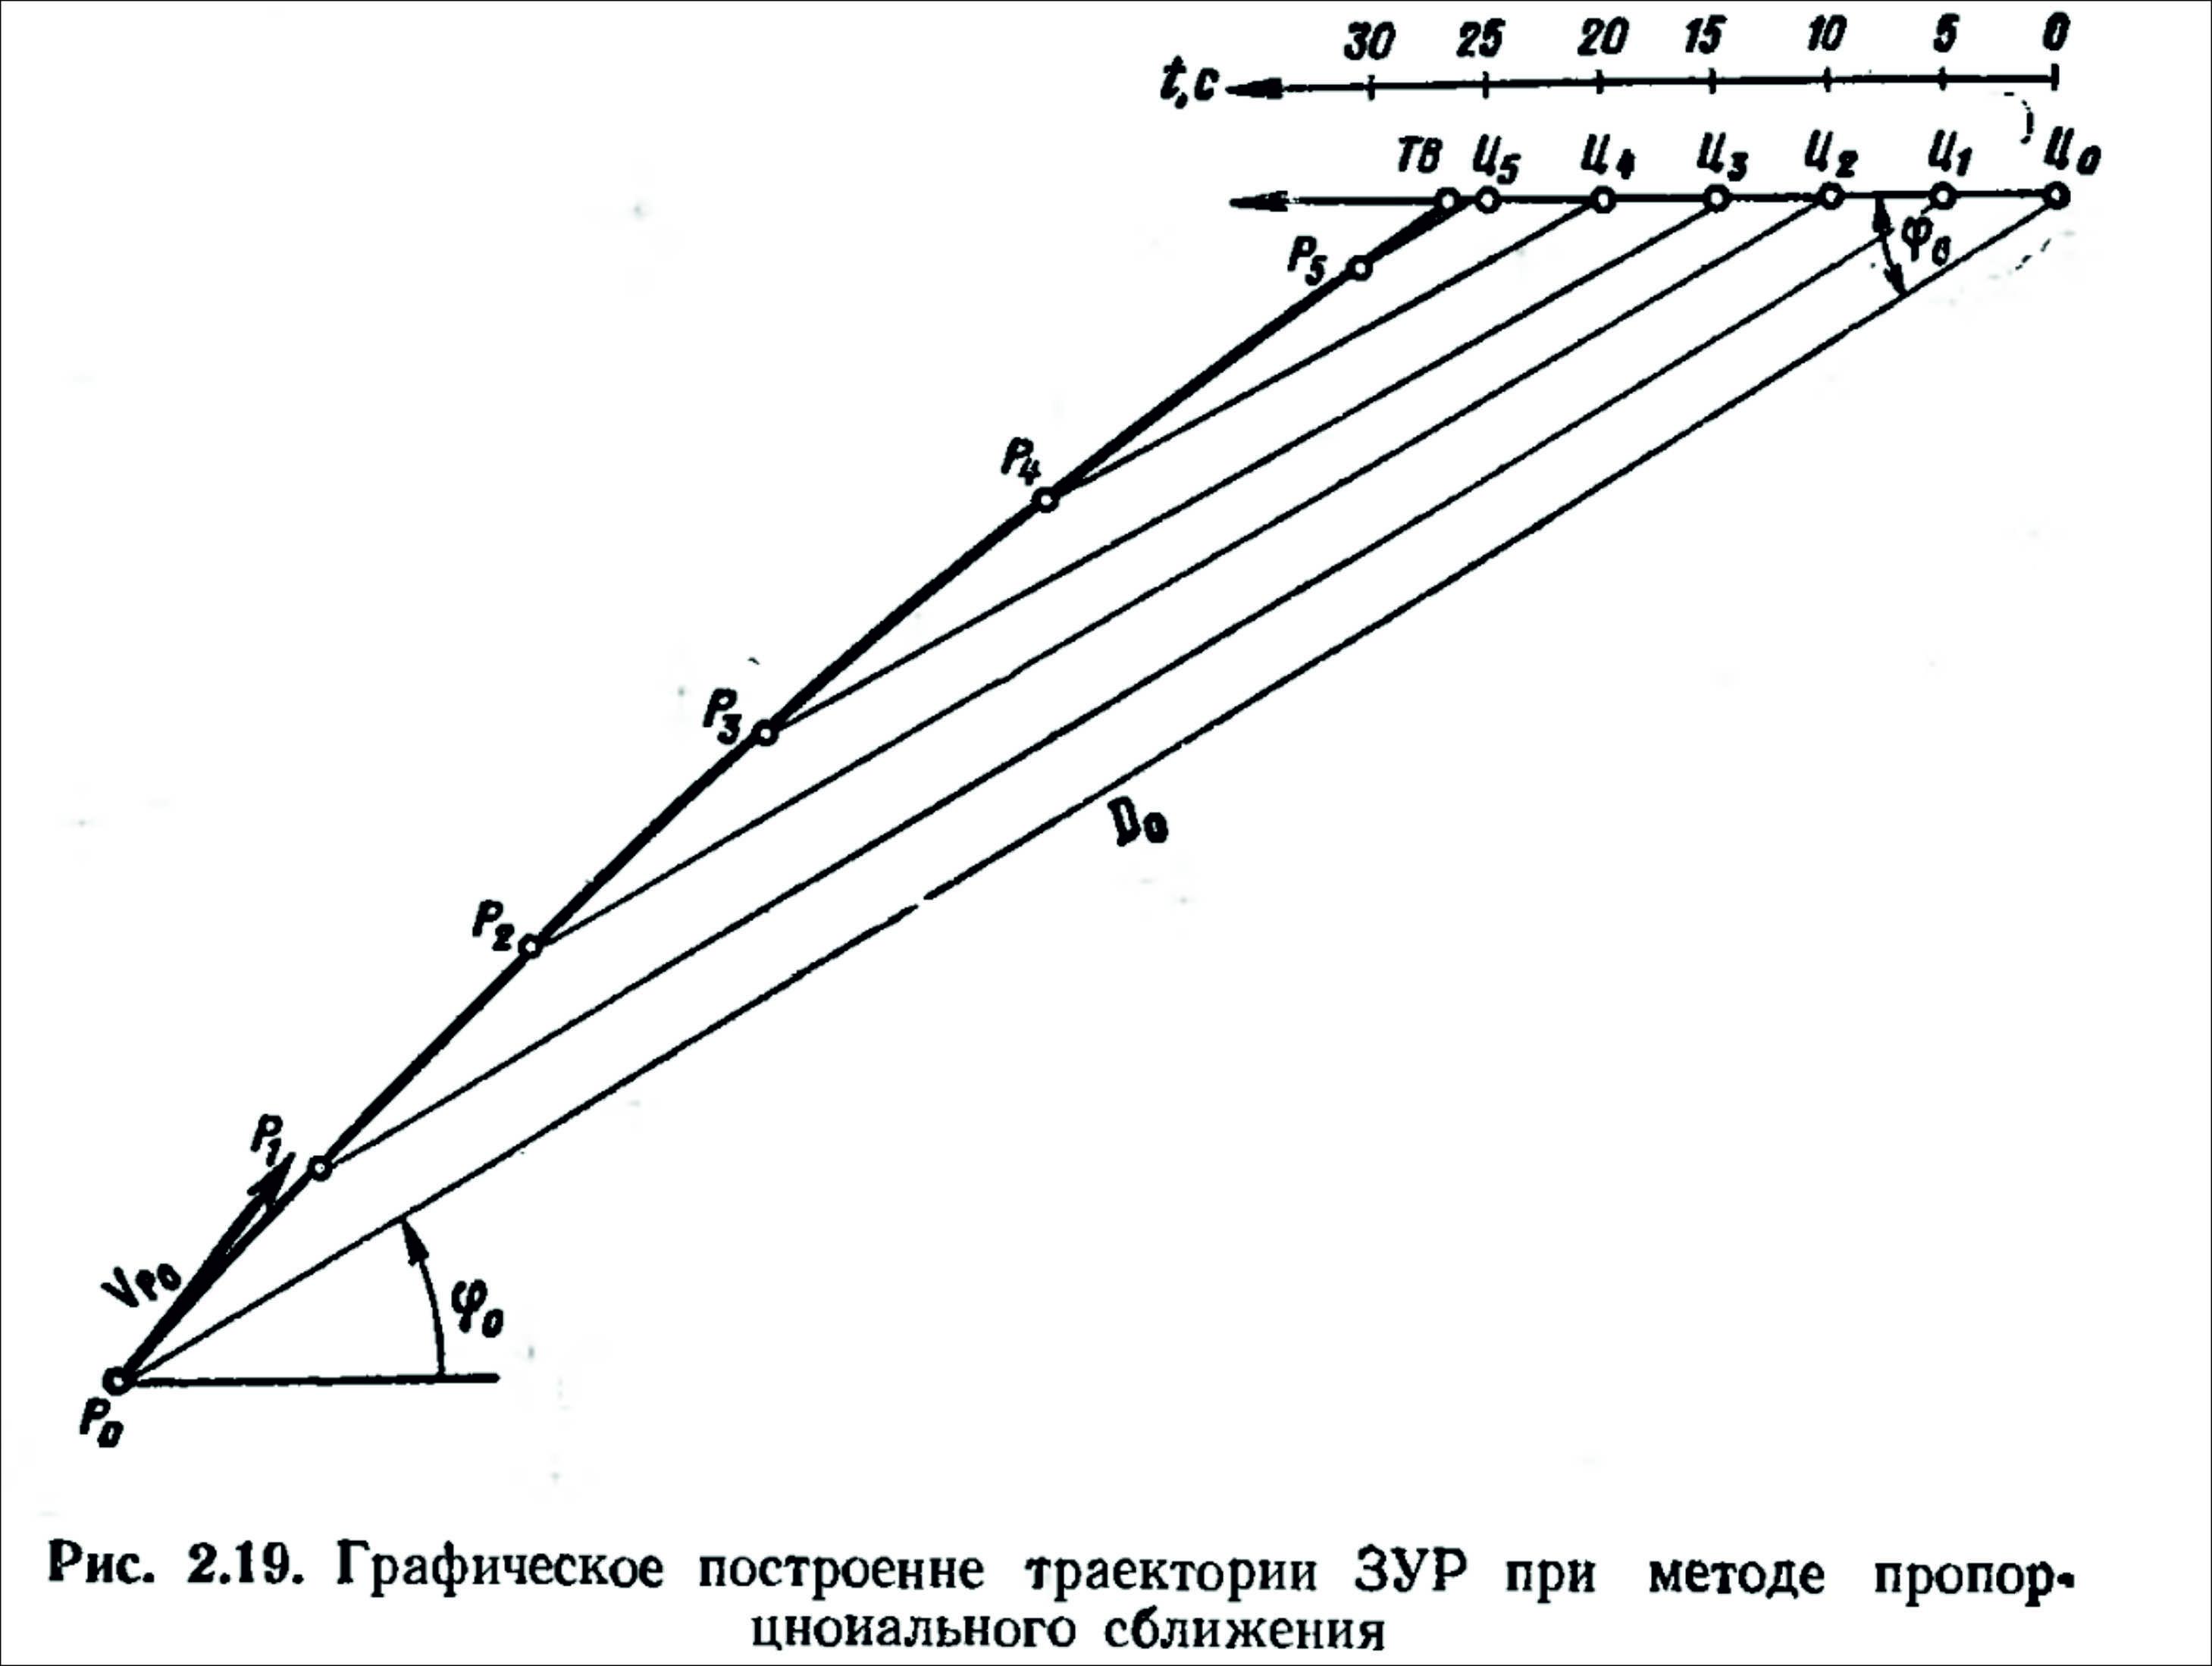 http://images.vfl.ru/ii/1614503303/0f0d08bf/33501721.jpg